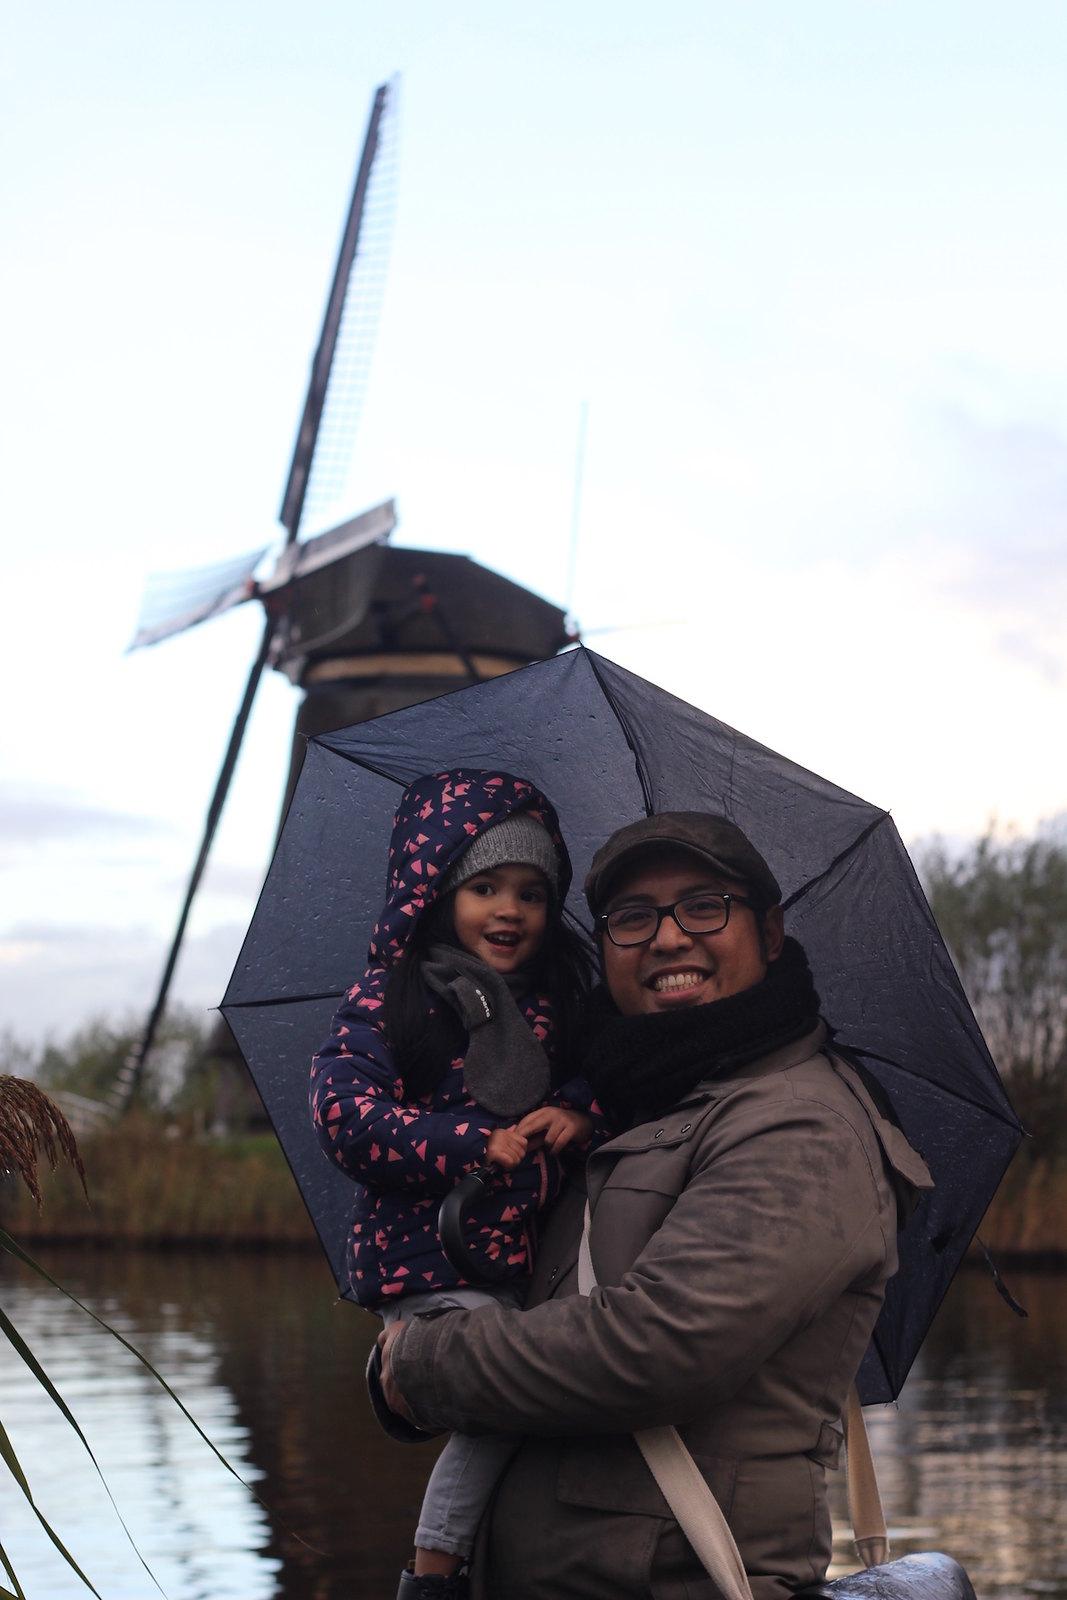 Papa and Tala at the Kinderdijk windmills